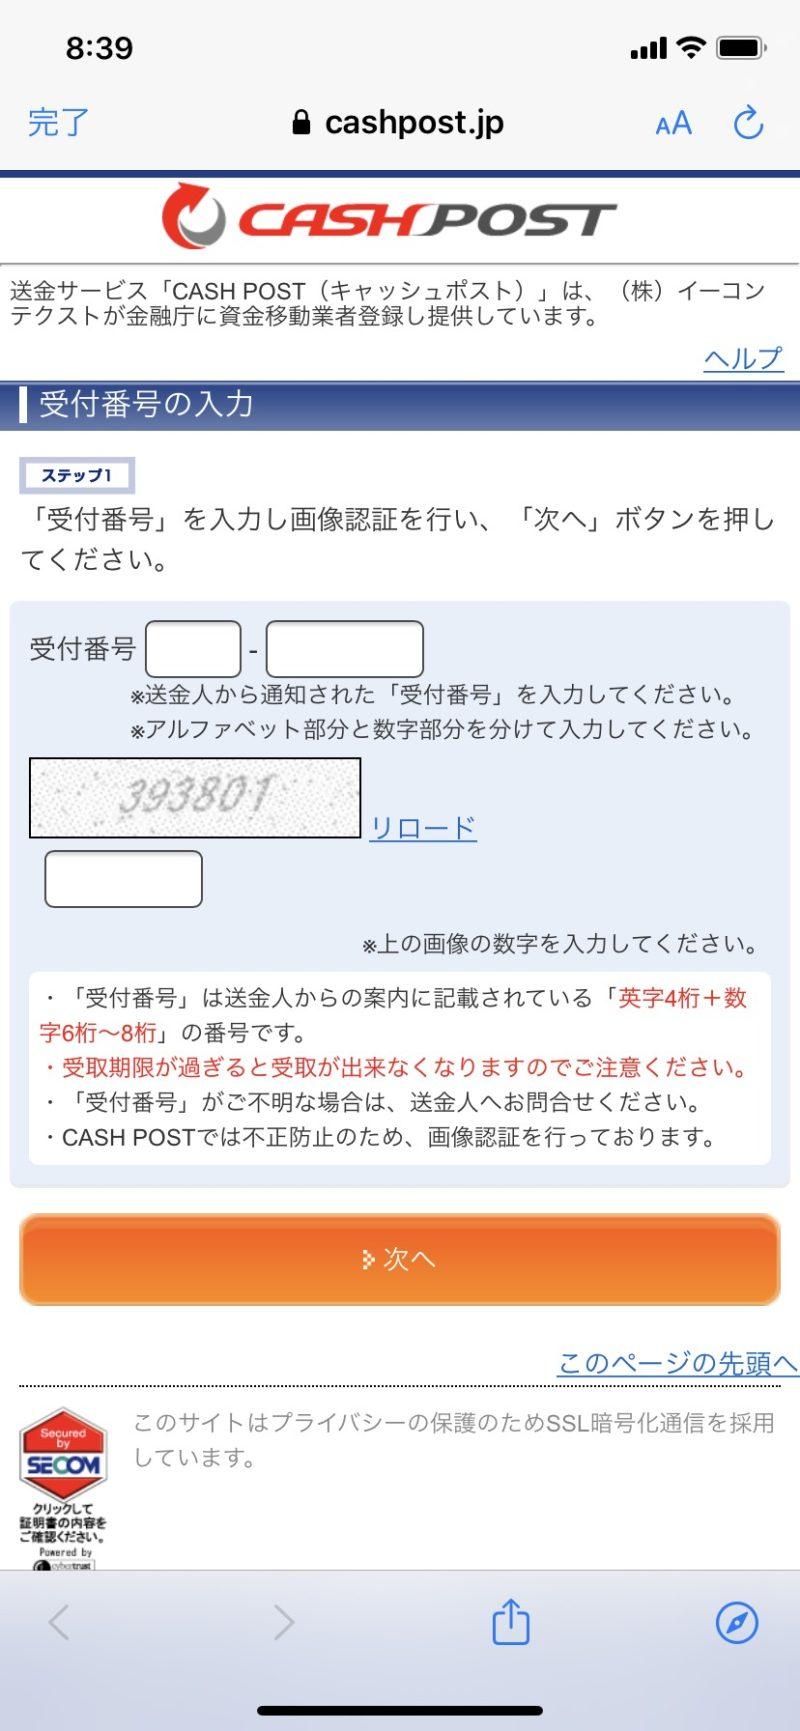 ④受付番号の入力